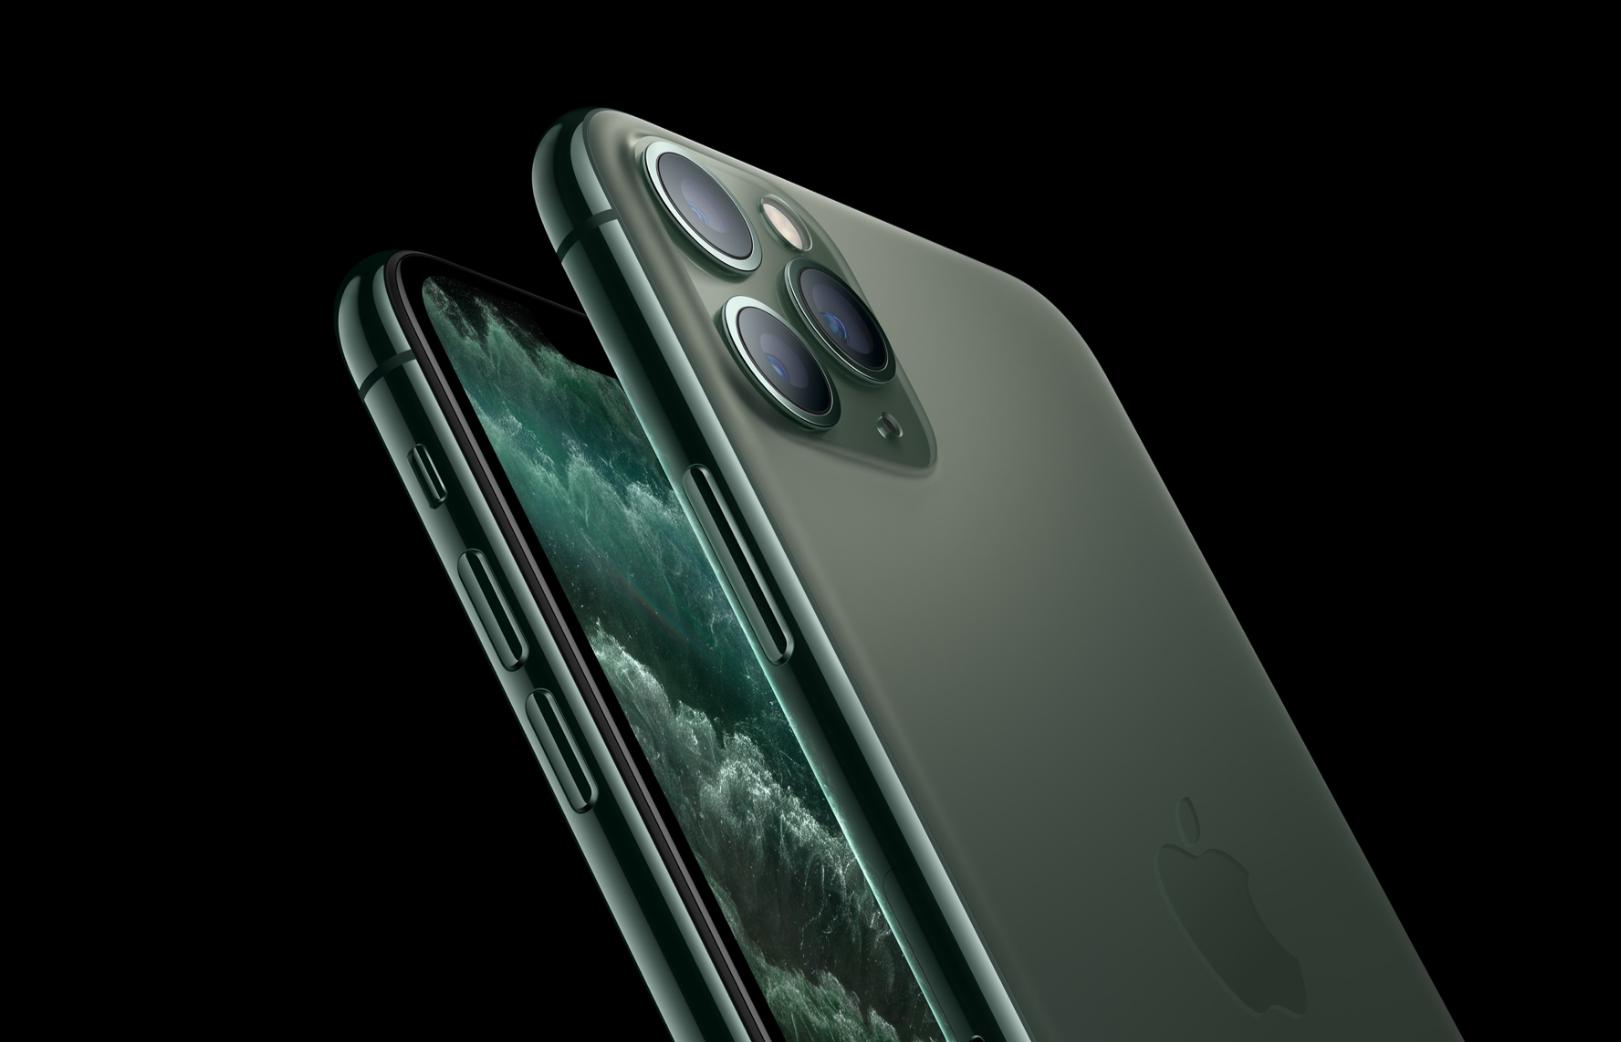 5499元起!iPhone 11系列各地区价格汇总